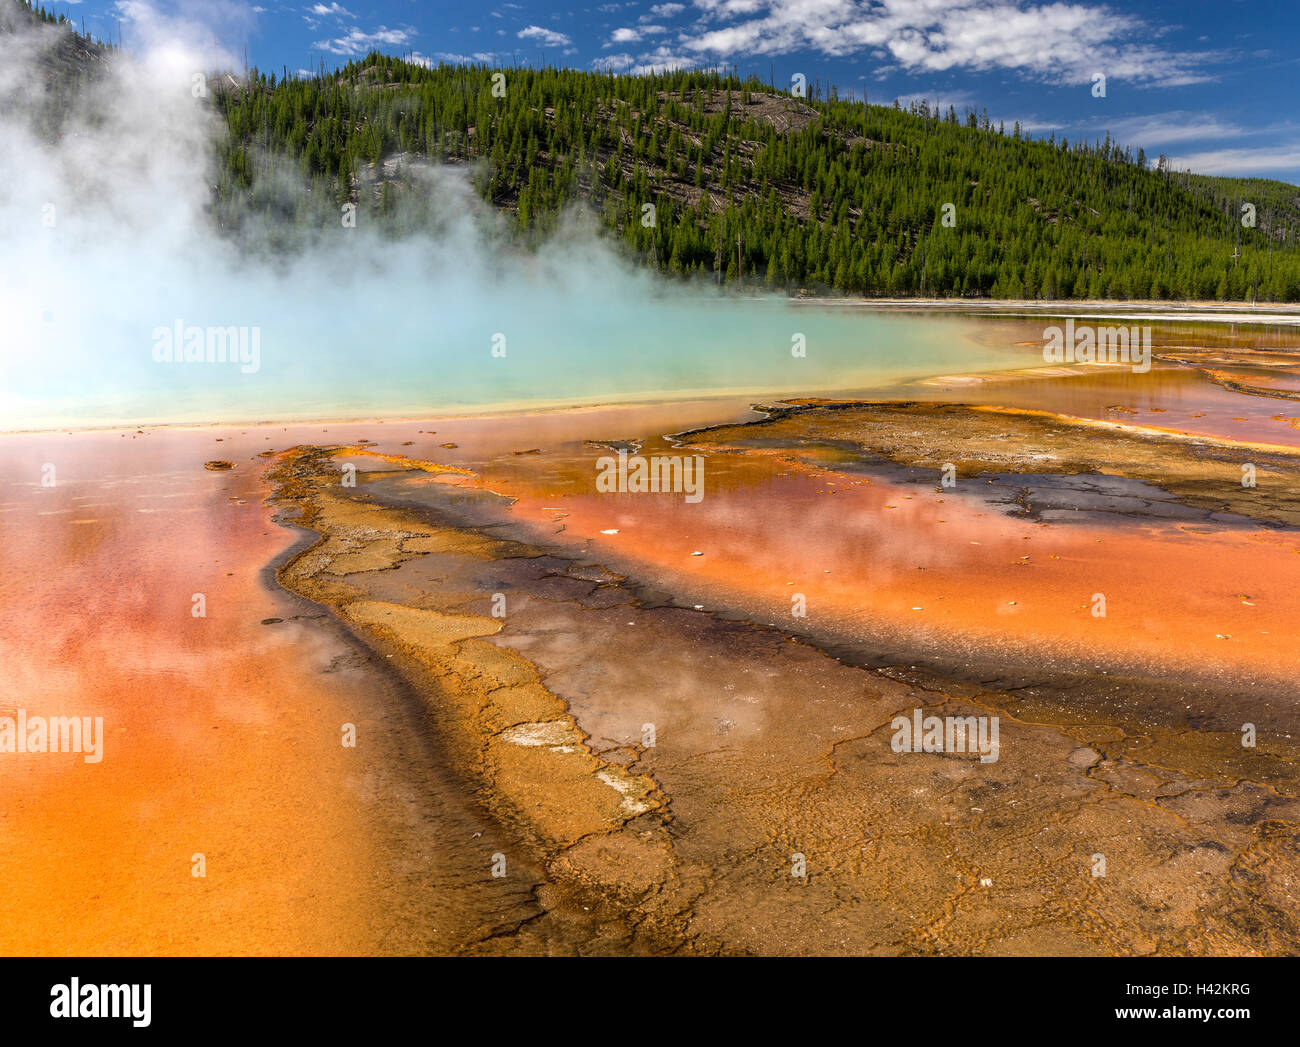 Parco Nazionale di Yellowstone, Wyoming; modelli di orange Thermophiles (alghe) nell acqua calda runoff dal Grand Immagini Stock